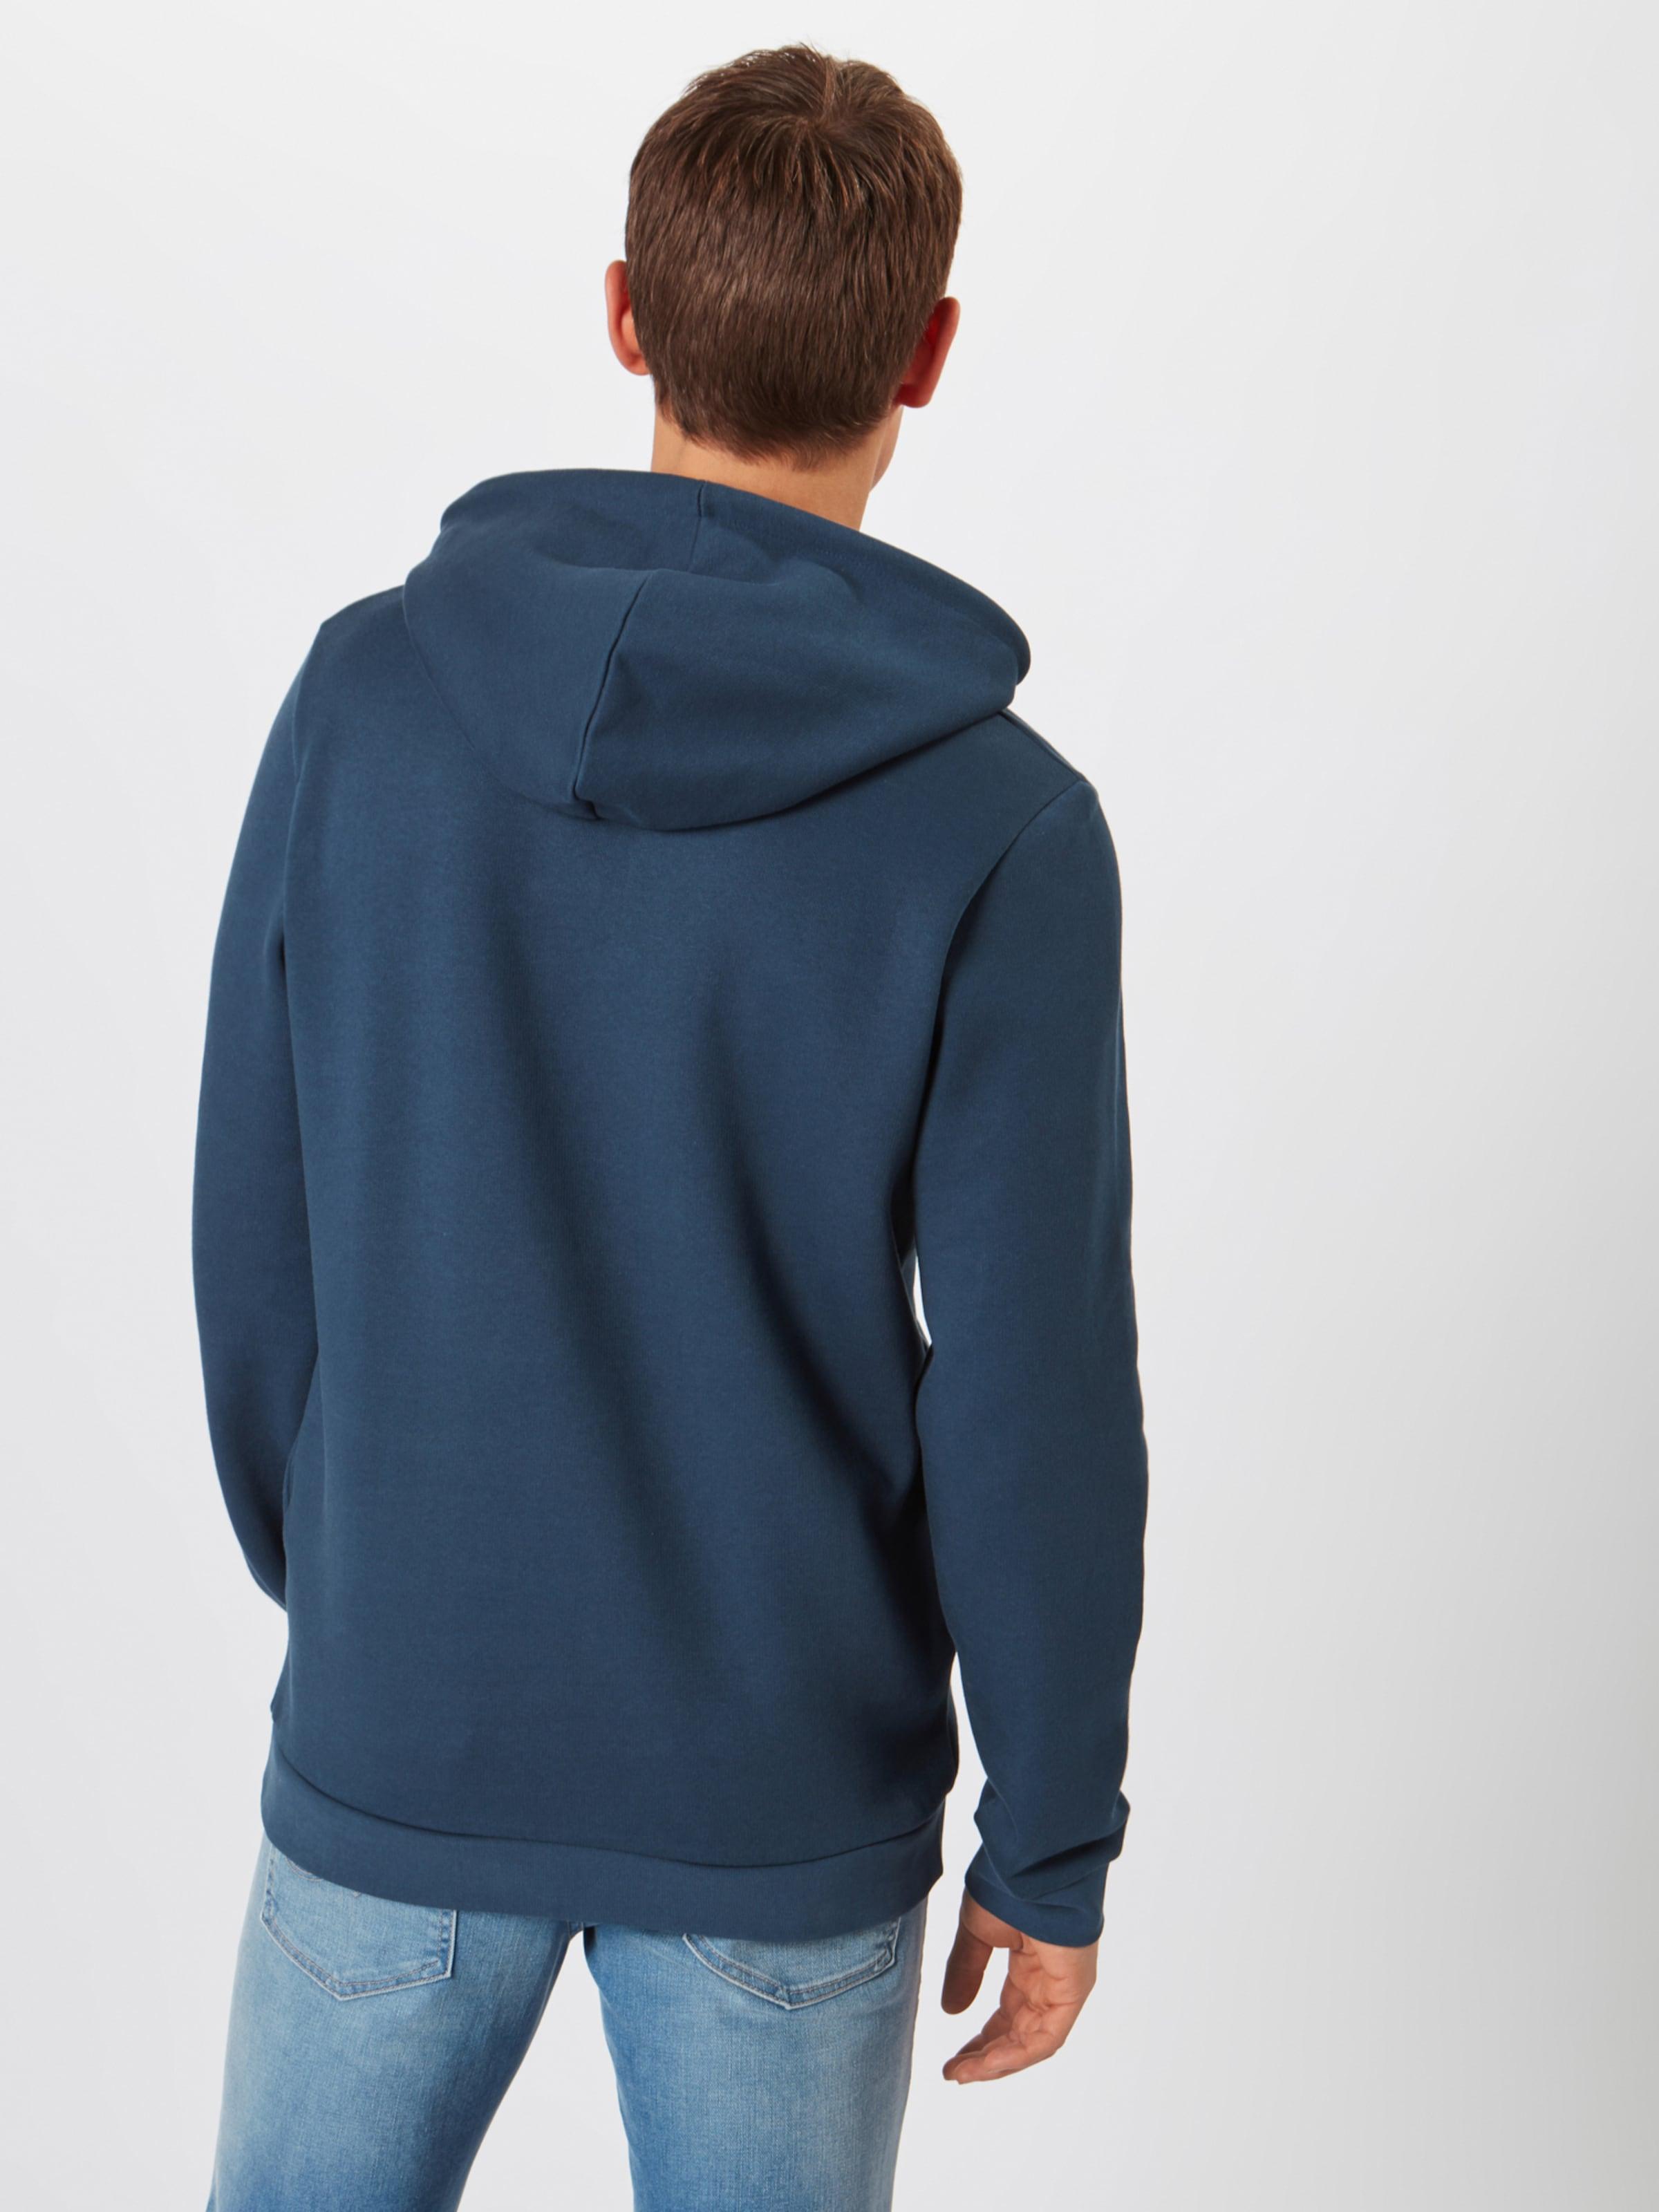 'cotheend' Sweat Bleu En Jackamp; Jones shirt Foncé D9EIYW2H